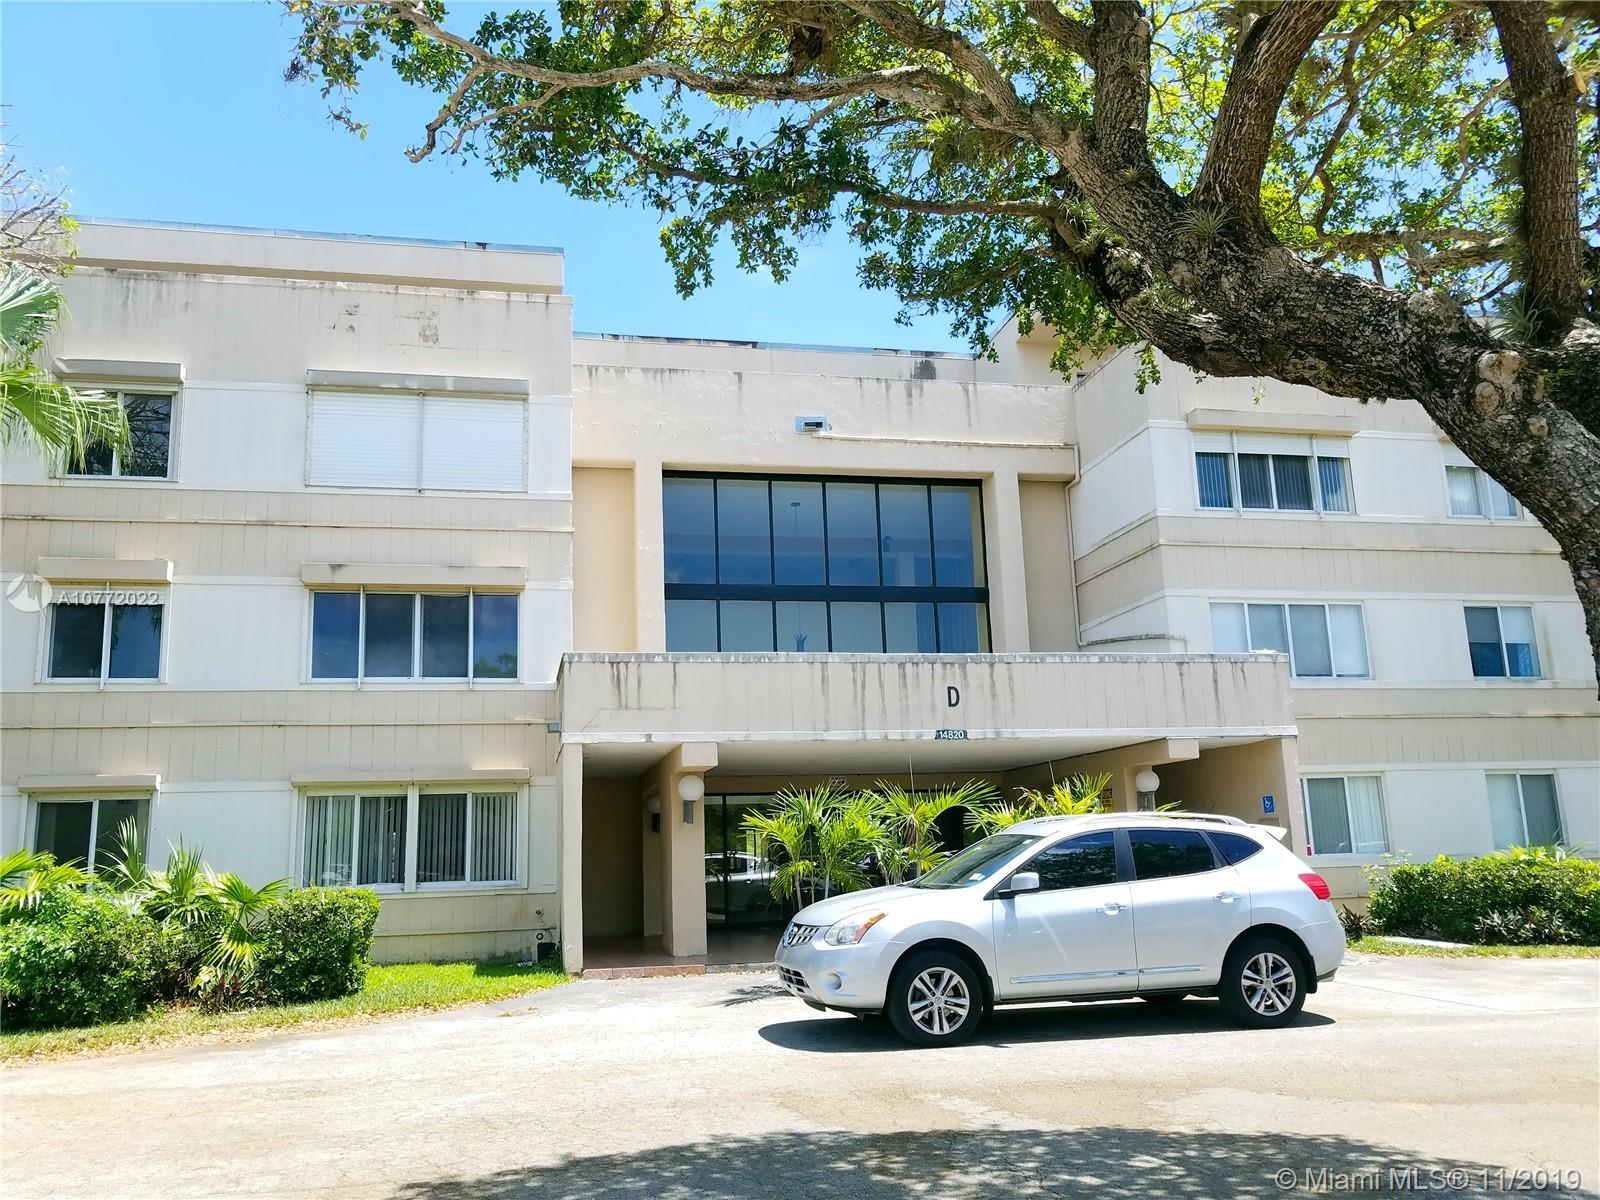 14850 Naranja Lakes Blvd #B1L, Homestead, FL 33032 - Homestead, FL real estate listing